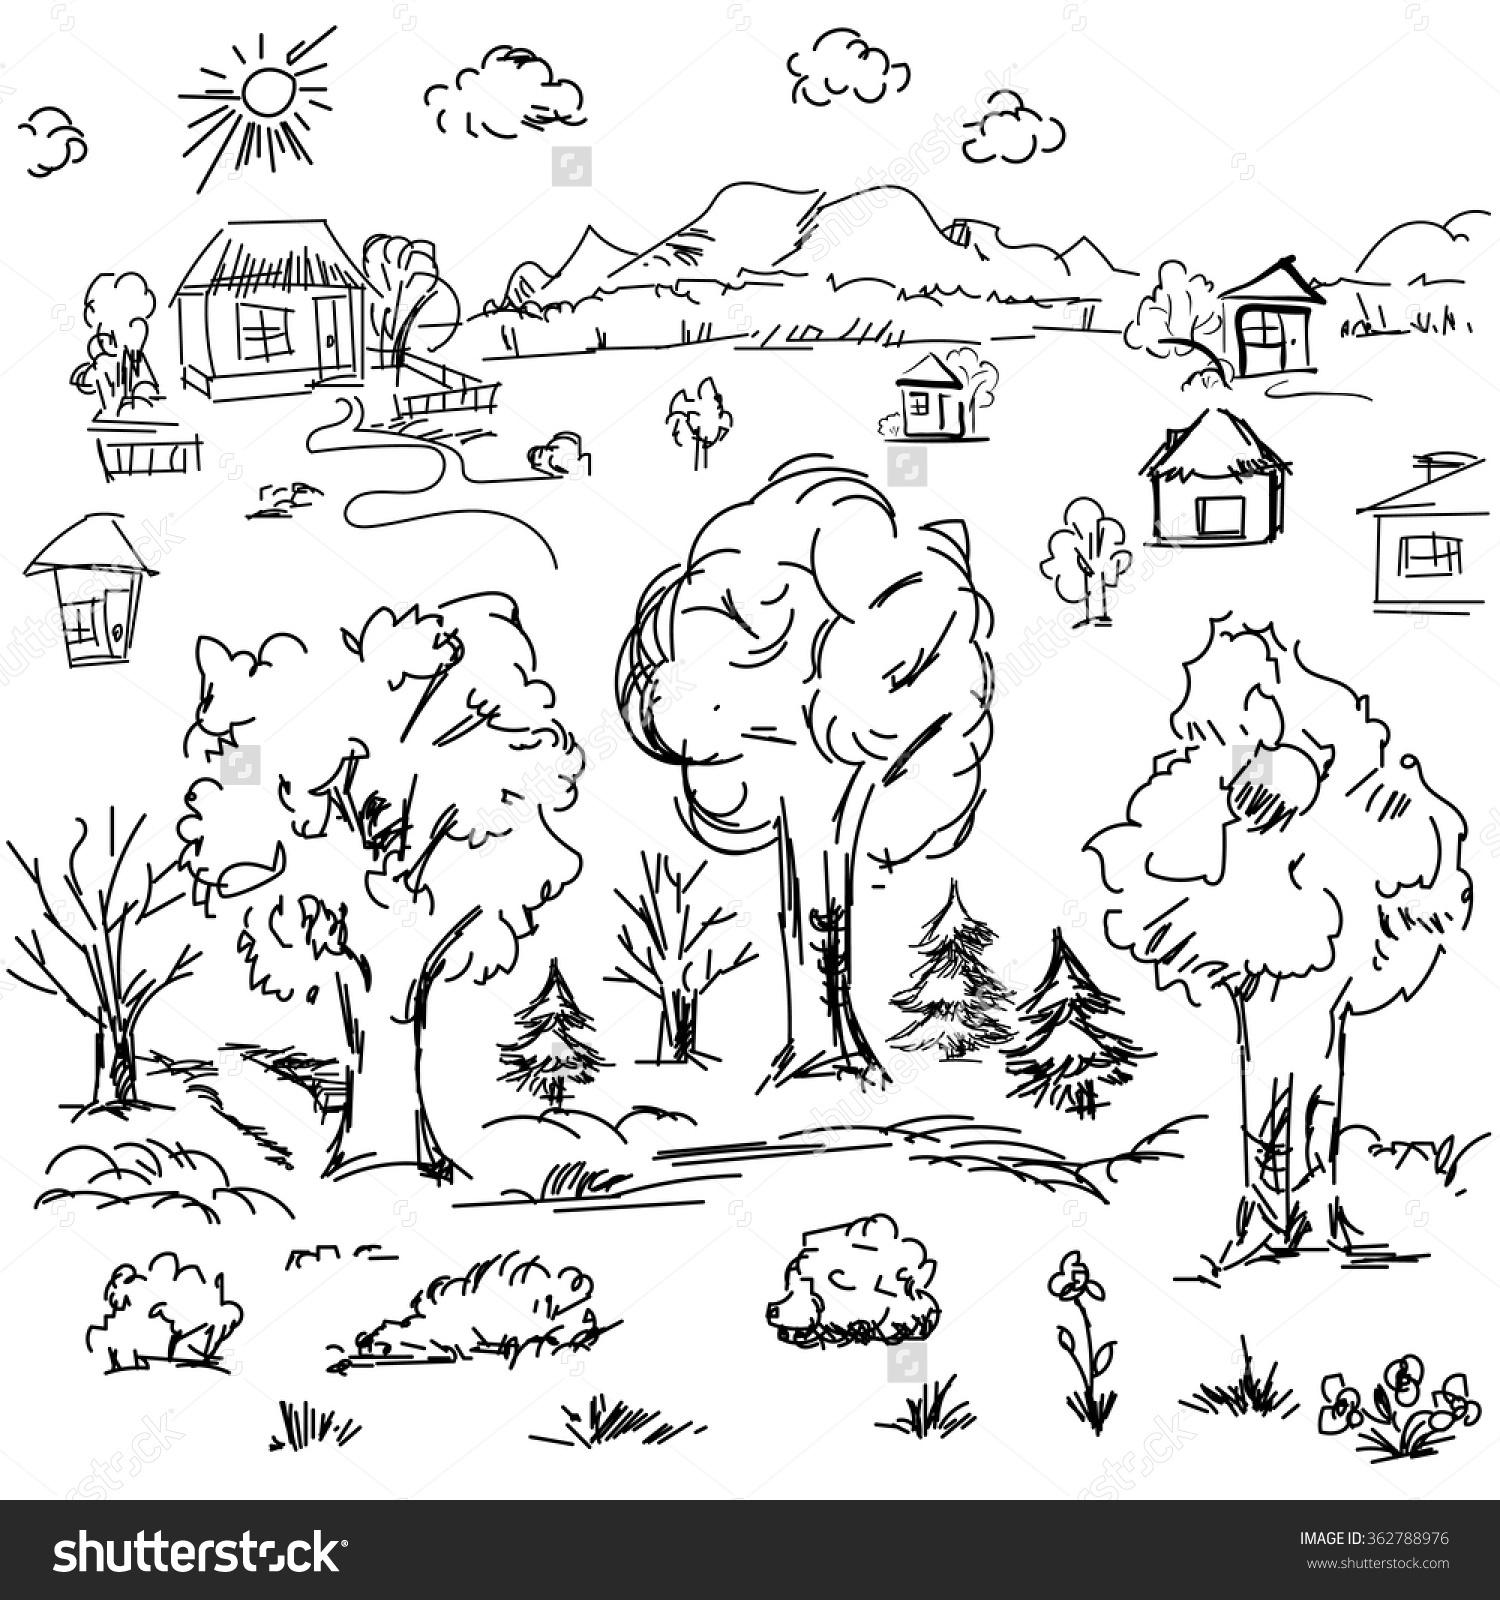 1500x1600 Outline Drawing Of Nature Elements Landscape Outline Doodle Sketch